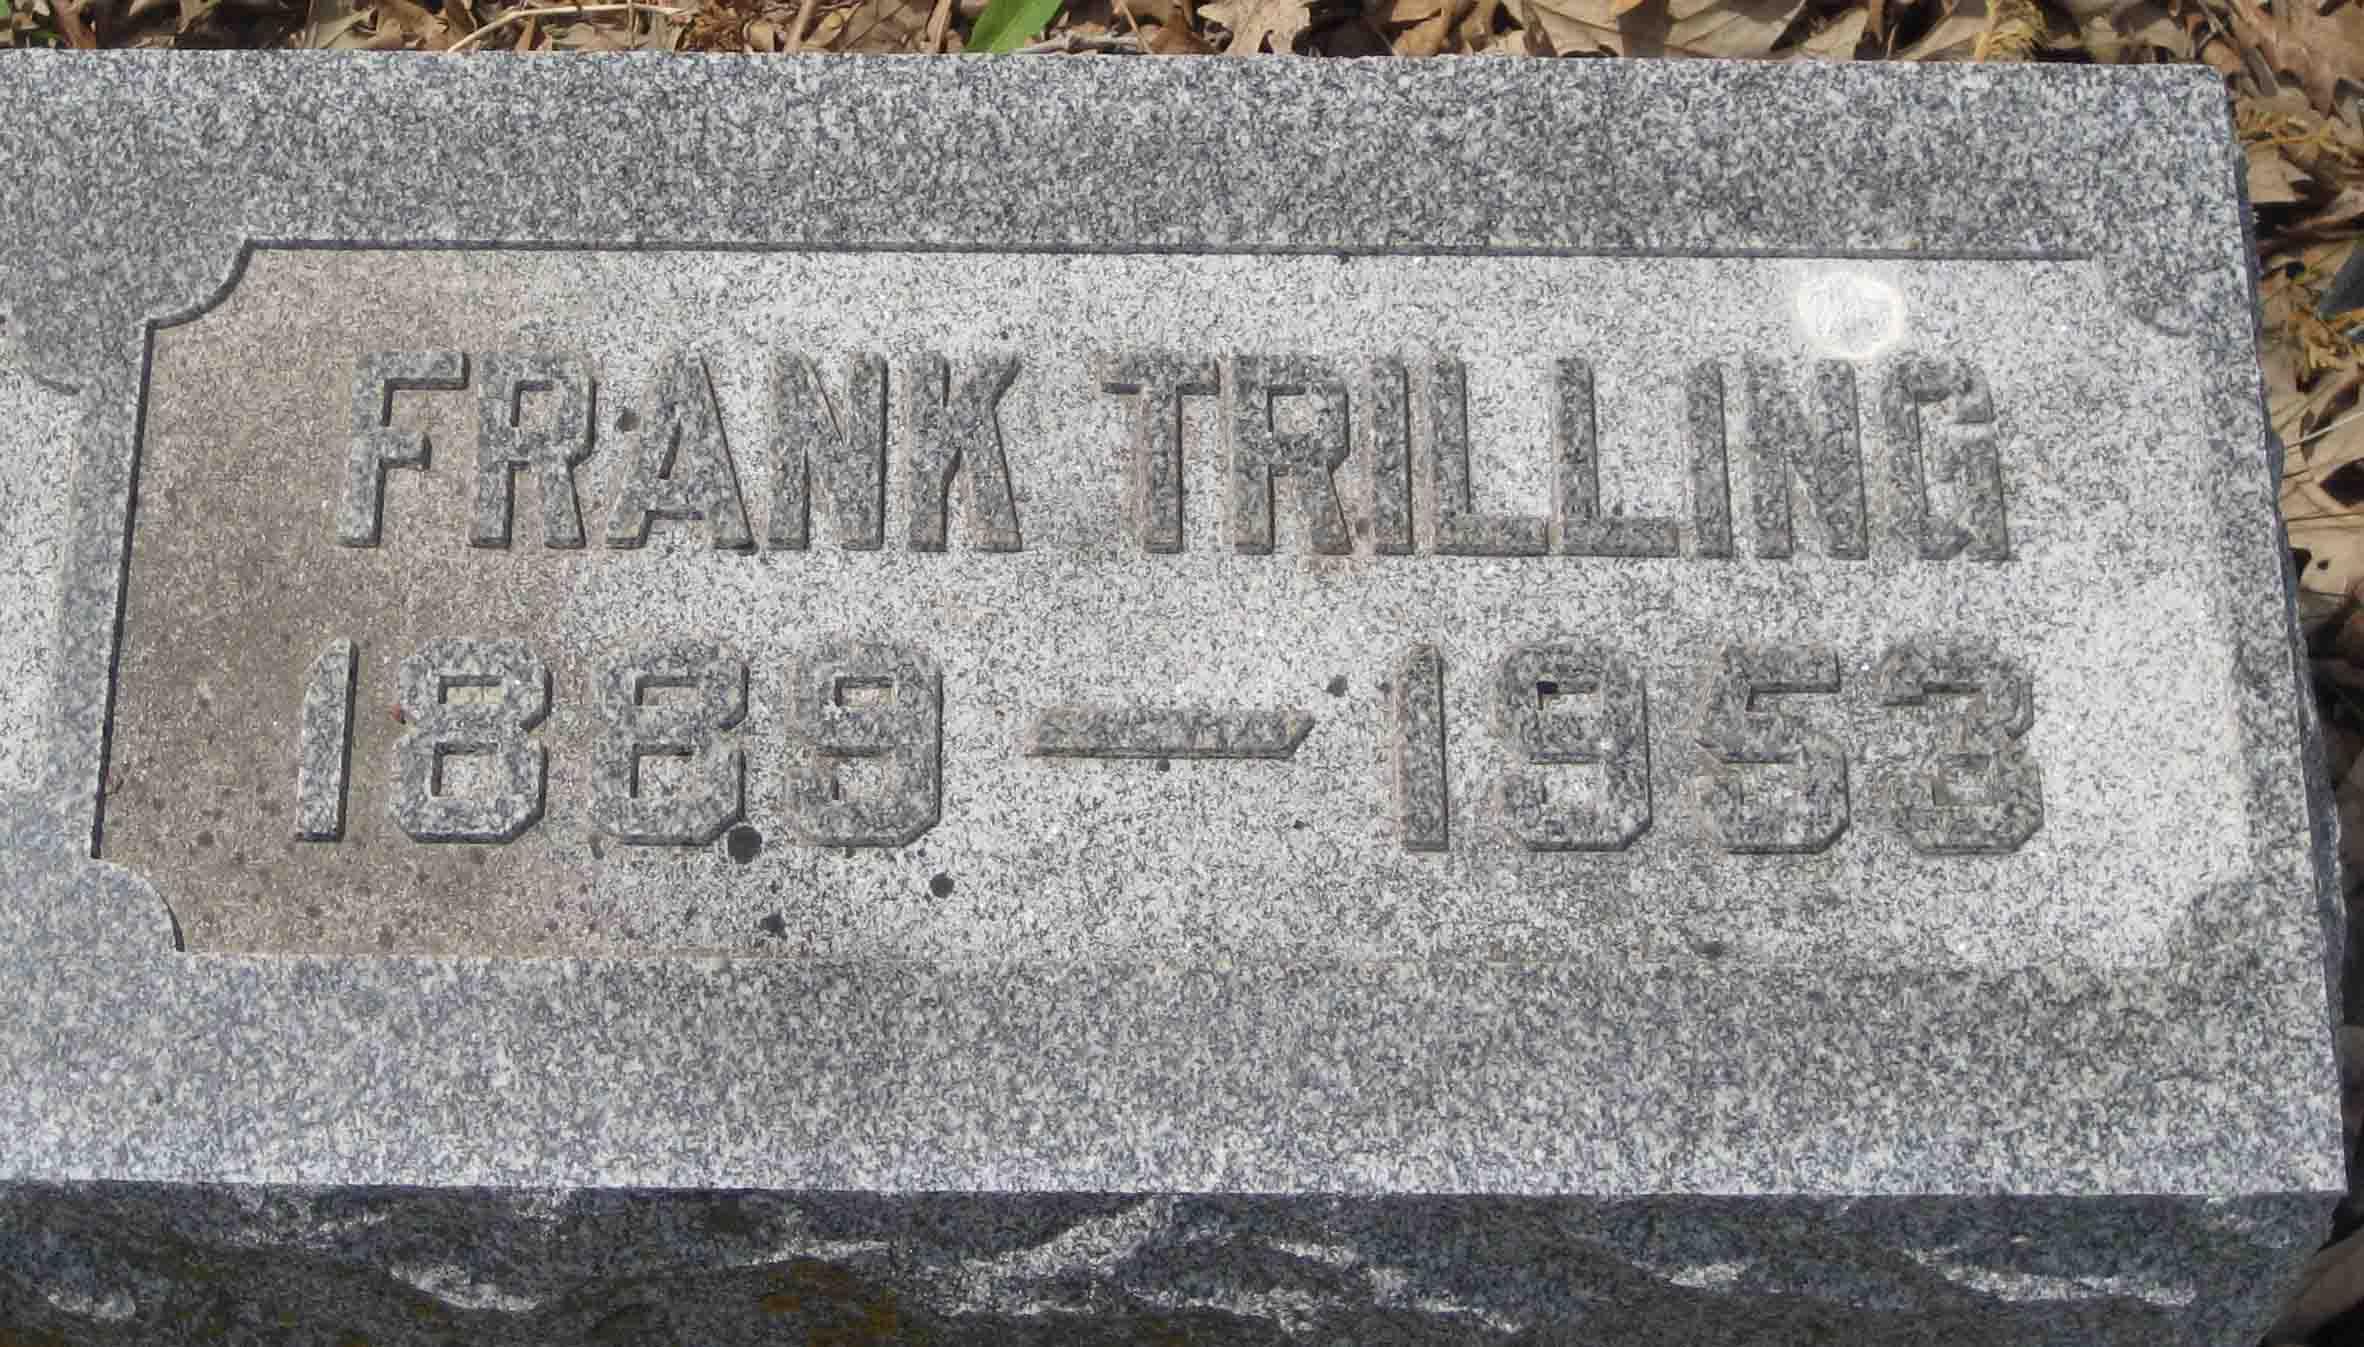 Frank Trilling